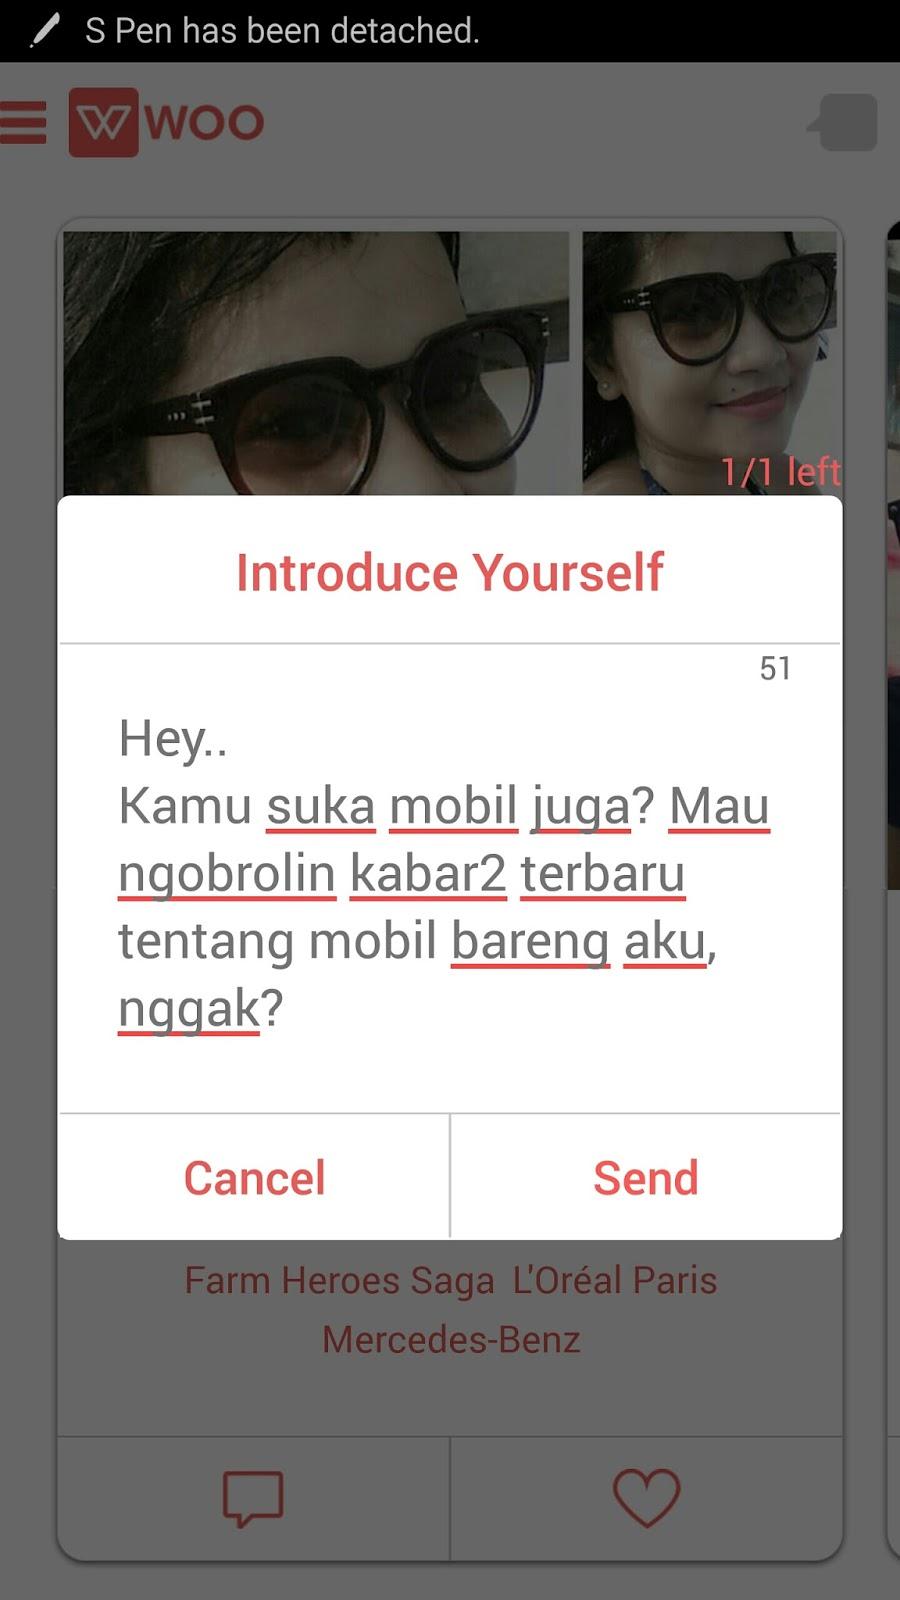 Alitt Author At Blog Indonesia Page 4 Of Tcash Vaganza 33 Paket 10 Pcs Susu Bear Brand Selain 2 Fitur Di Atas Ada Juga Questioncast Nih Membantu Woo Users Yang Cewek Buat Milih Cowok Sesuai Kriterianya